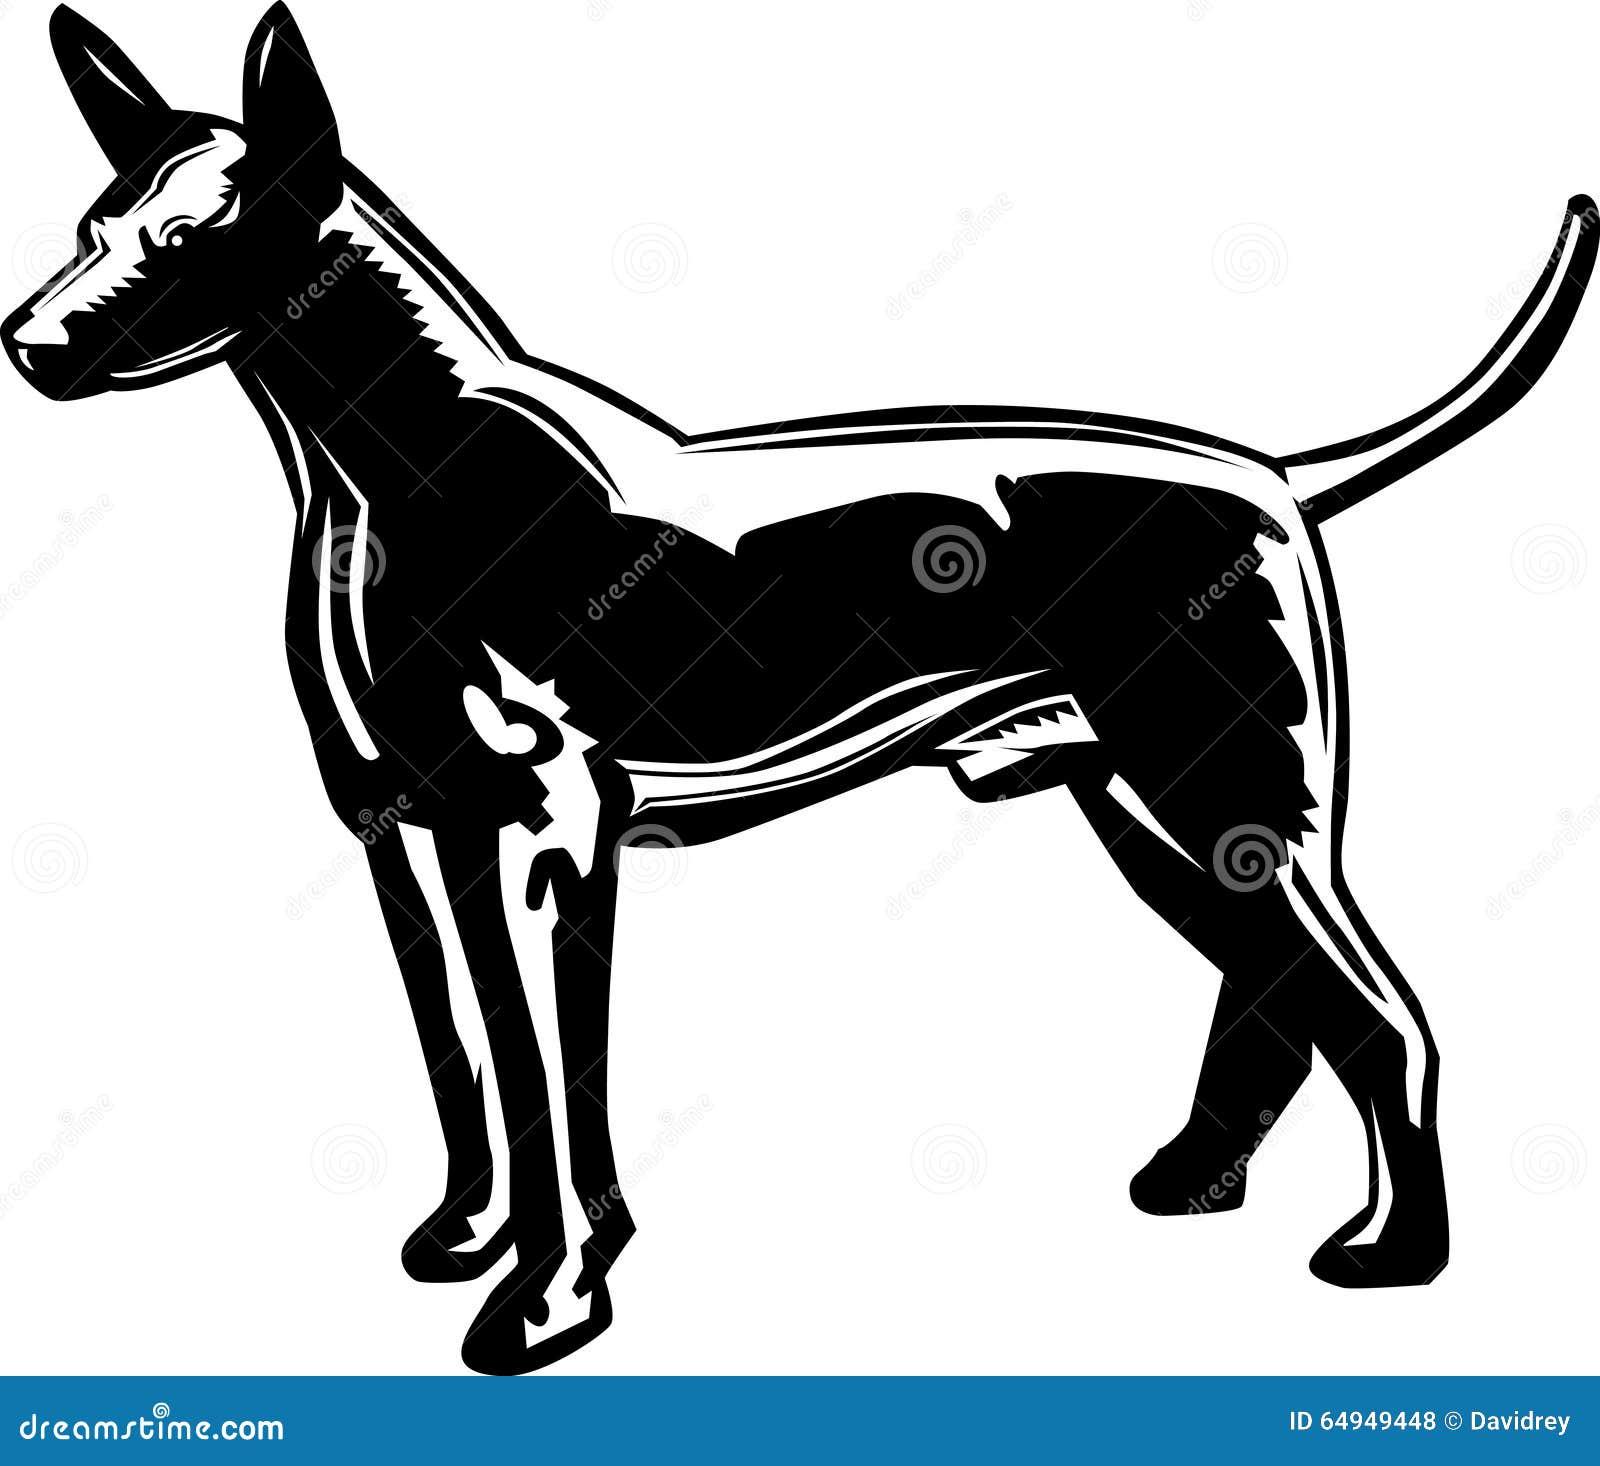 Profilowy Xoloitzcuintle Meksykański bezwłosy